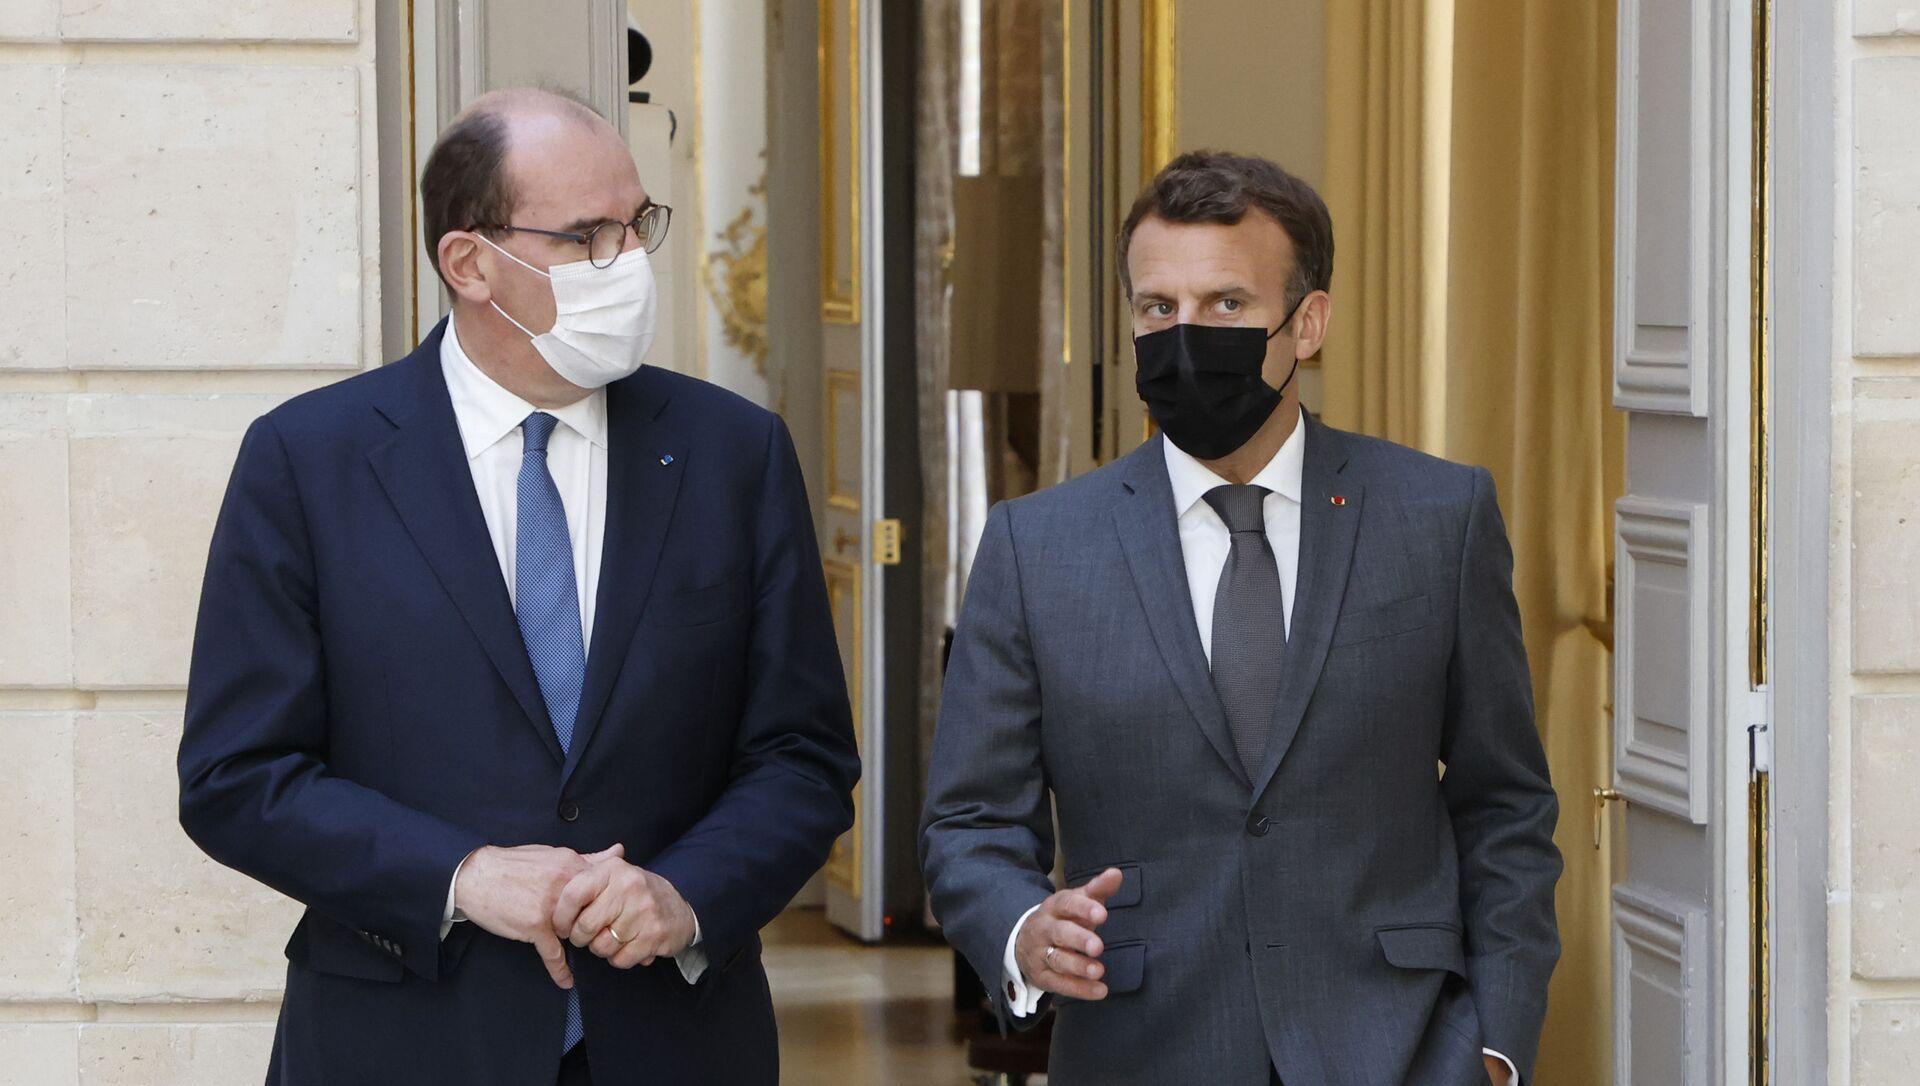 Le Président de la République Emmanuel Macron et le Premier ministre Jean Castex à l'Elysée, juin 2021 - Sputnik France, 1920, 02.07.2021